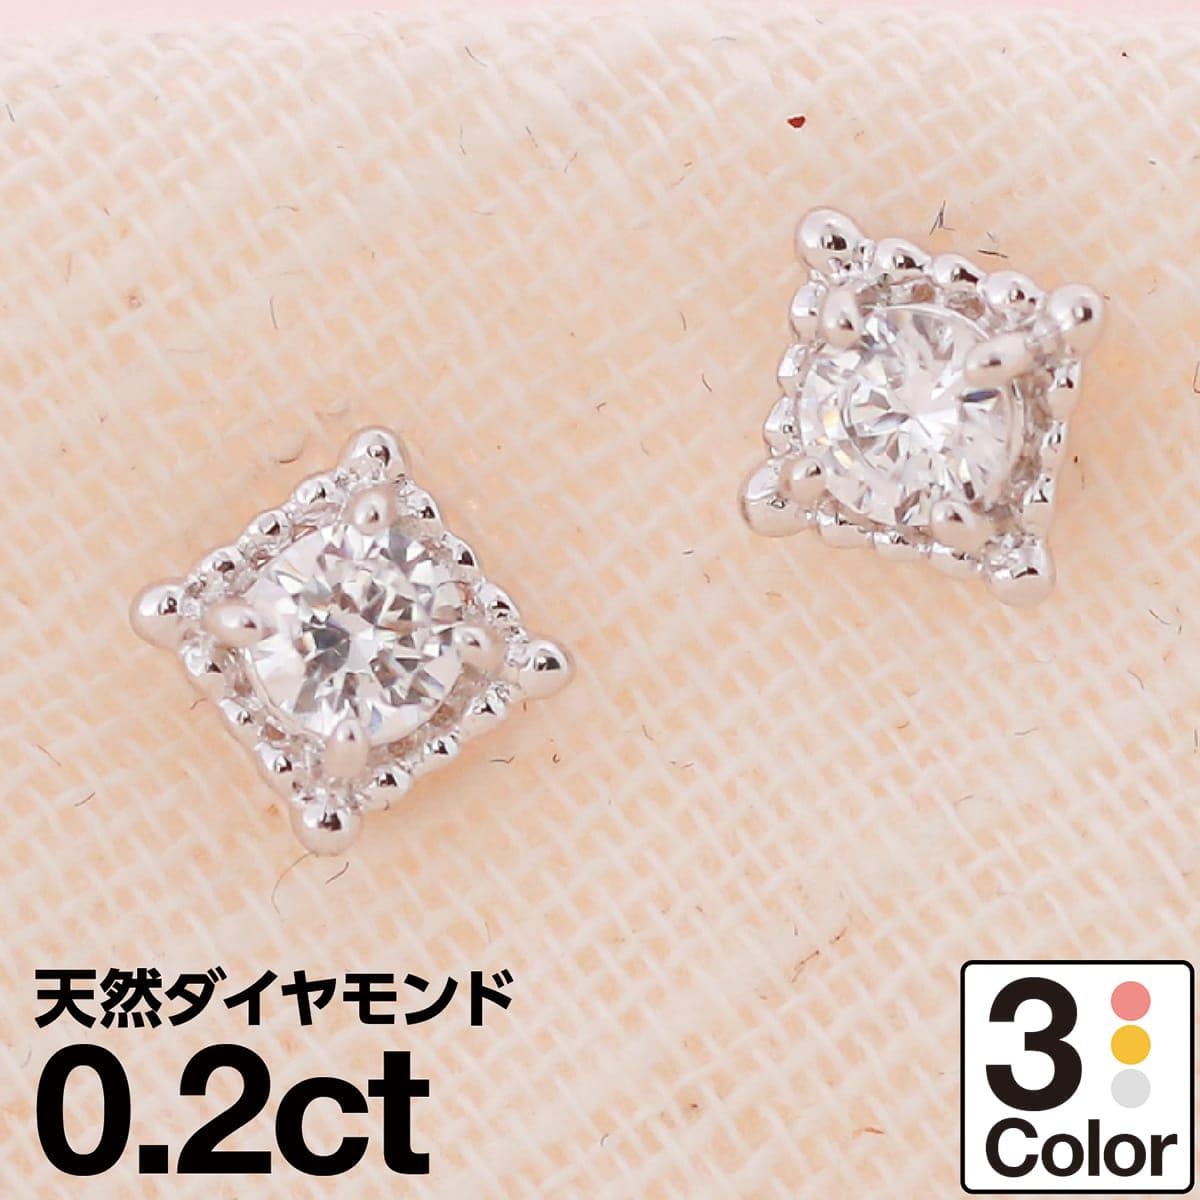 ピアス 金属アレルギー ダイヤモンド k10 イエローゴールド/ホワイトゴールド/ピンクゴールド 品質保証書 日本製 誕生日 ギフト